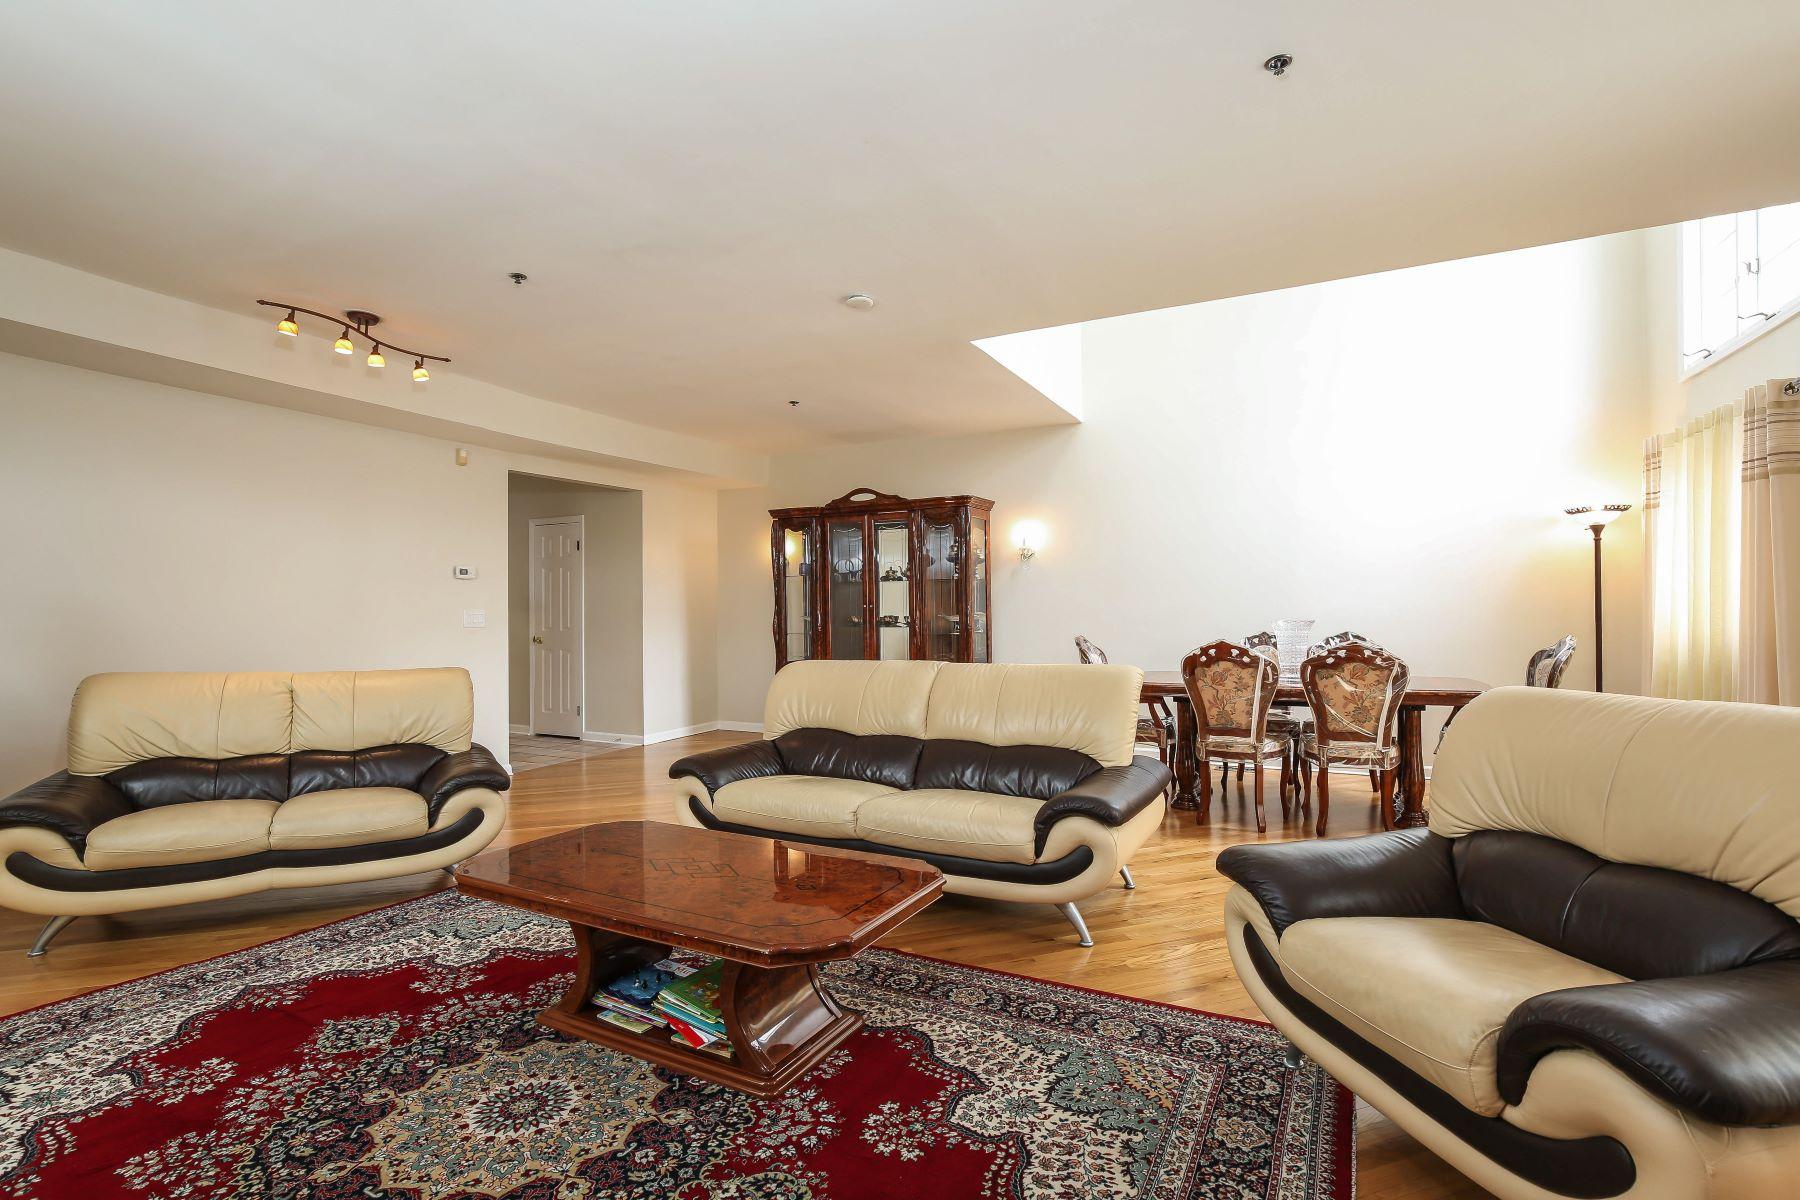 Single Family Home for Sale at 25 Springhurst Park Dobbs Ferry, New York 10522 United States